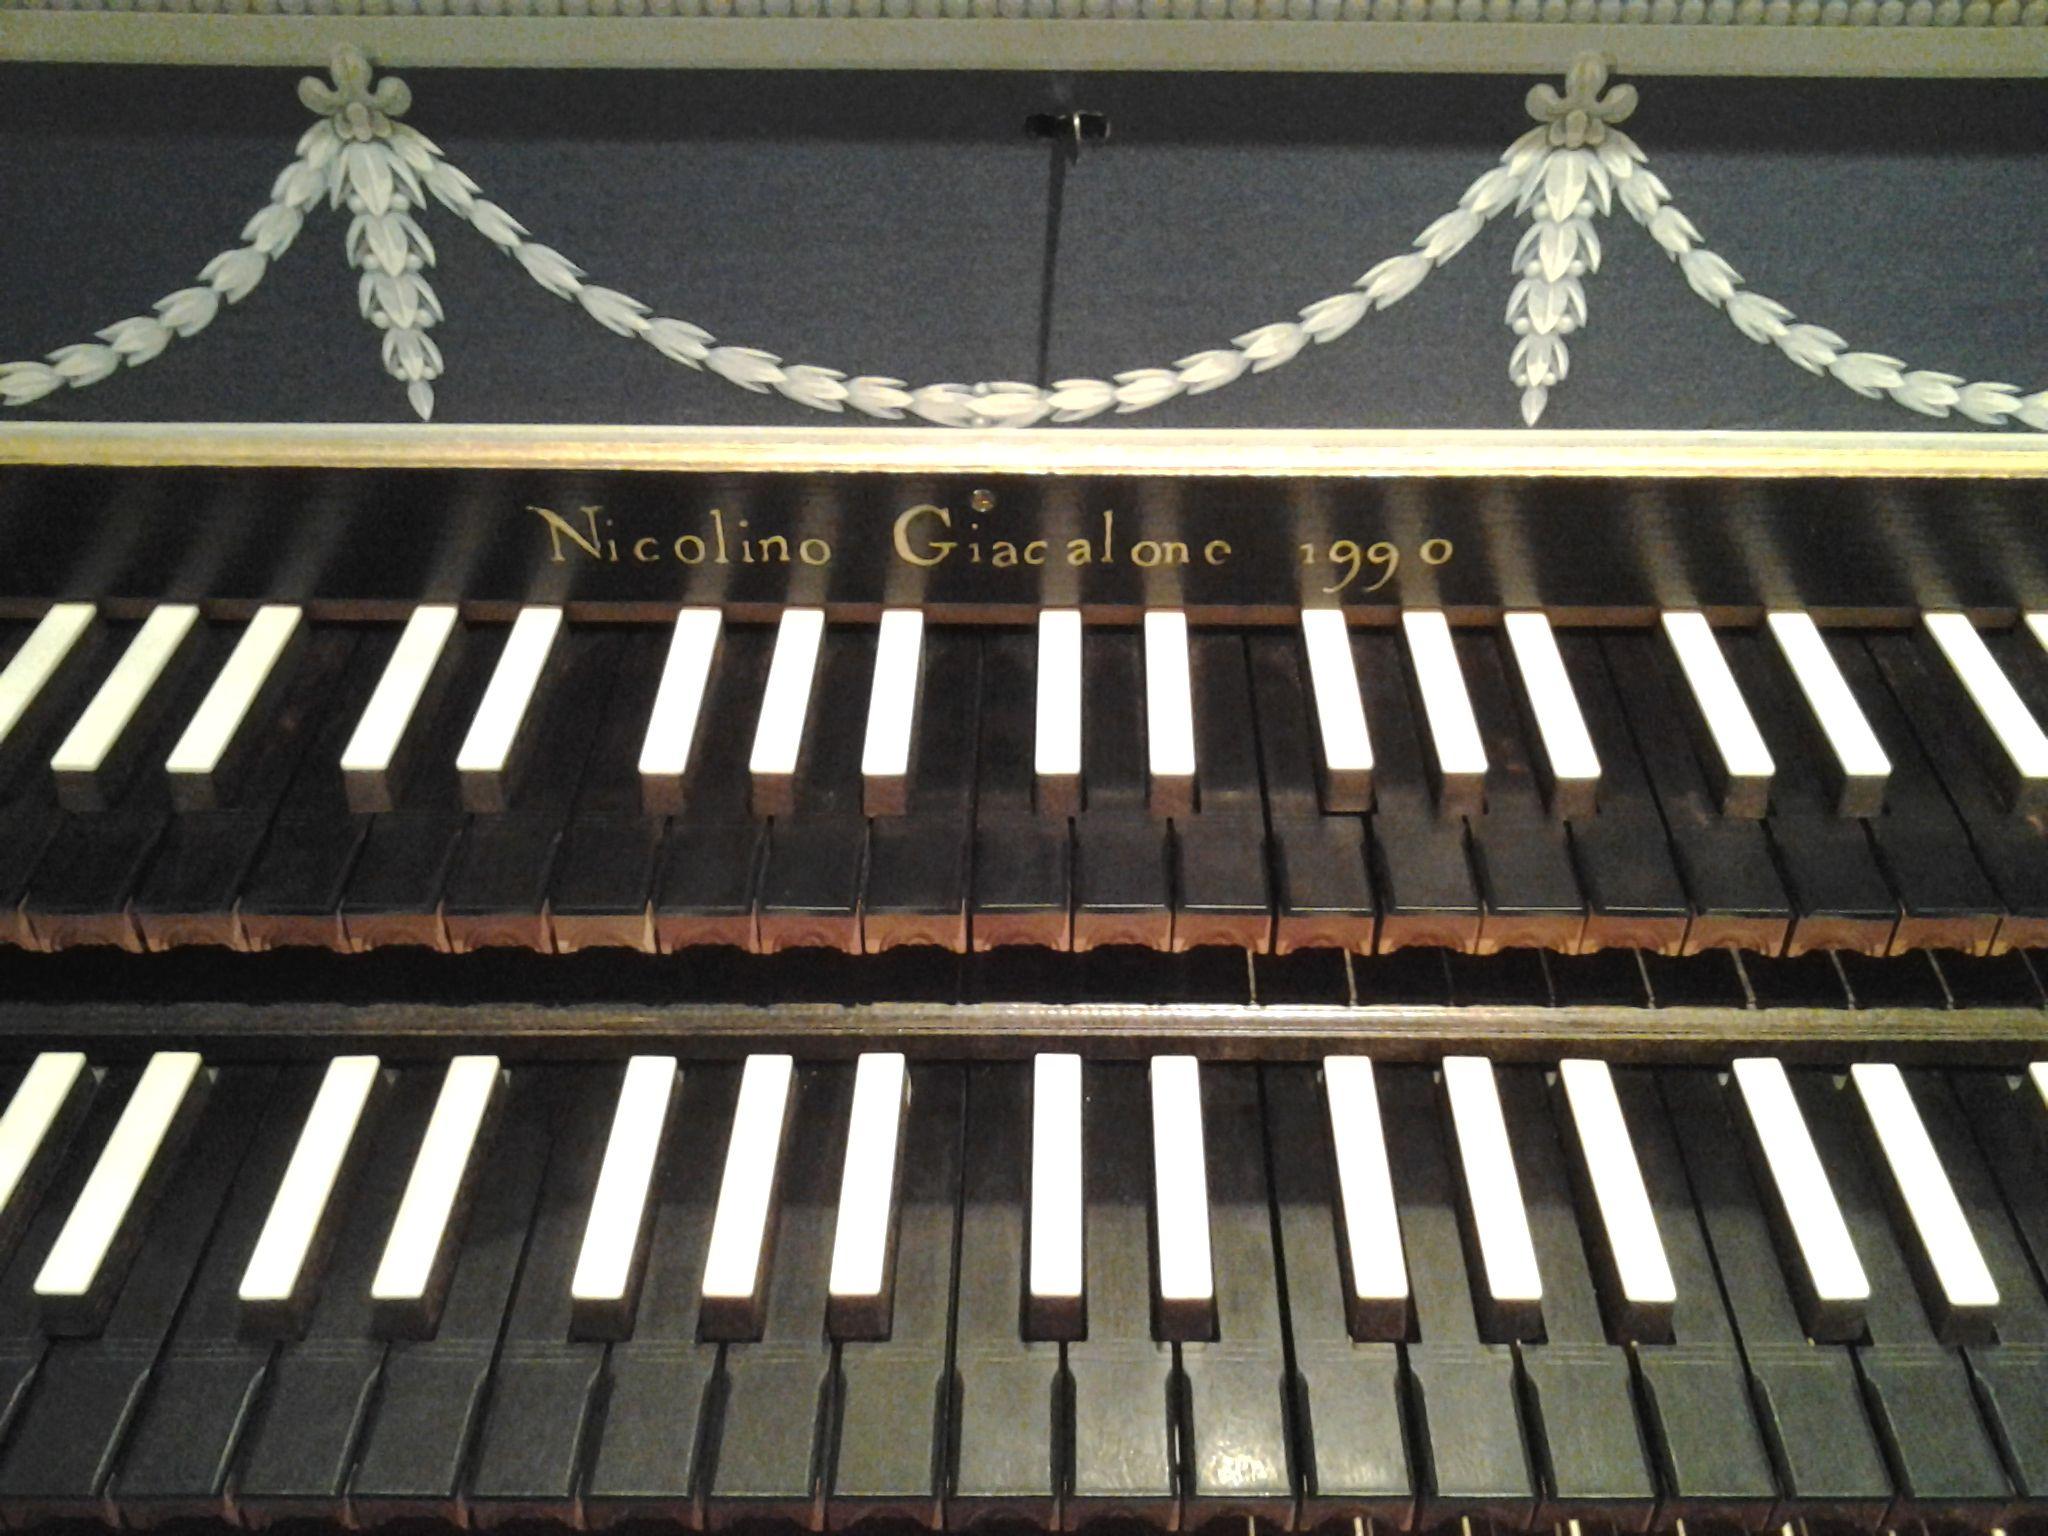 Concert, Handel, A Chamber Recital